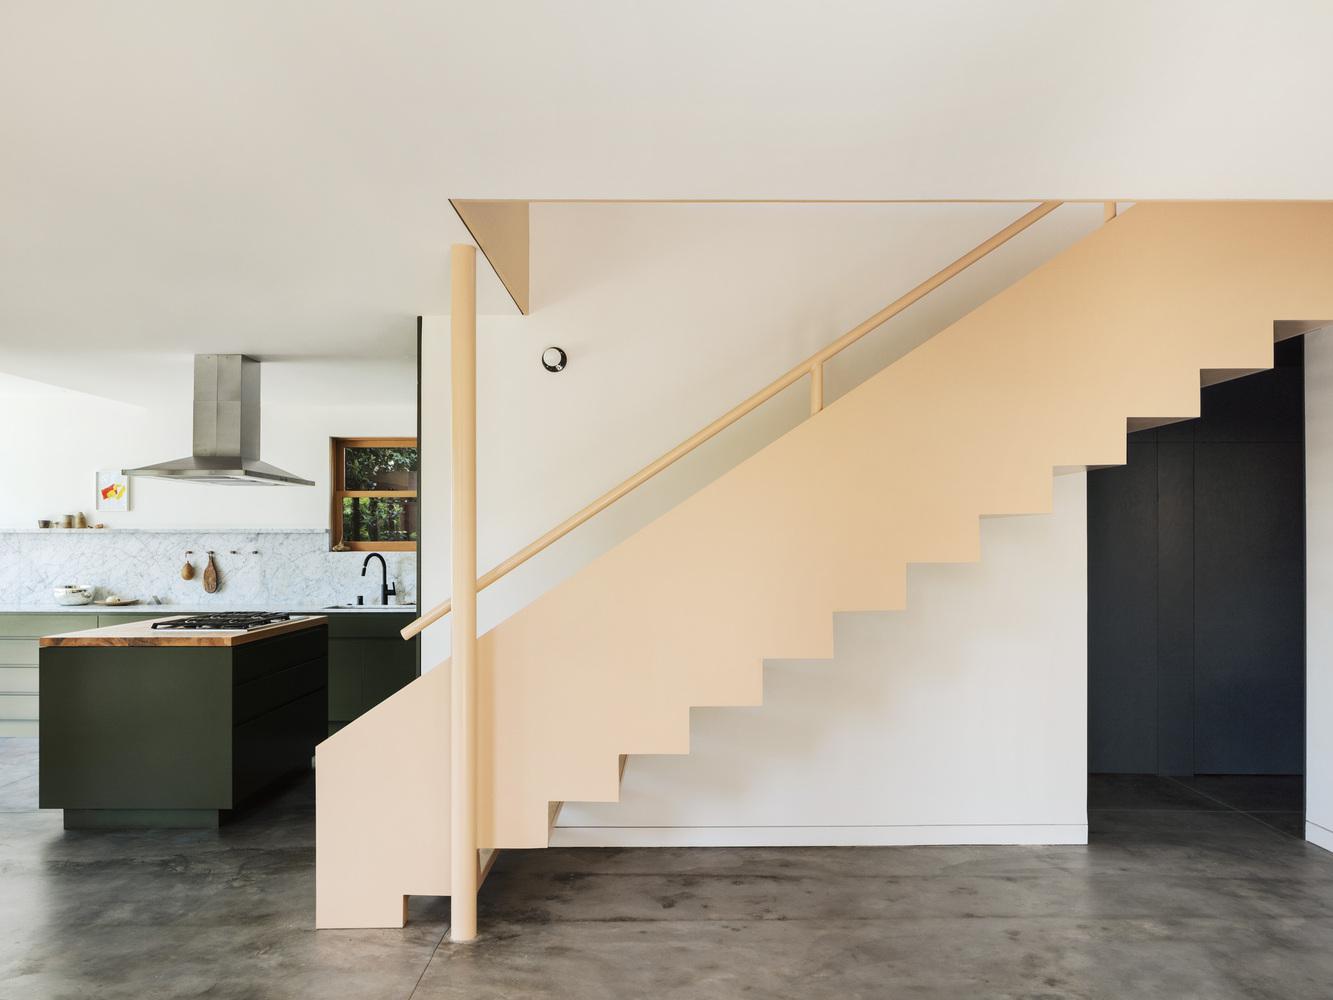 4_Fleischmann Residence_PRODUCTORA_Inspirationist